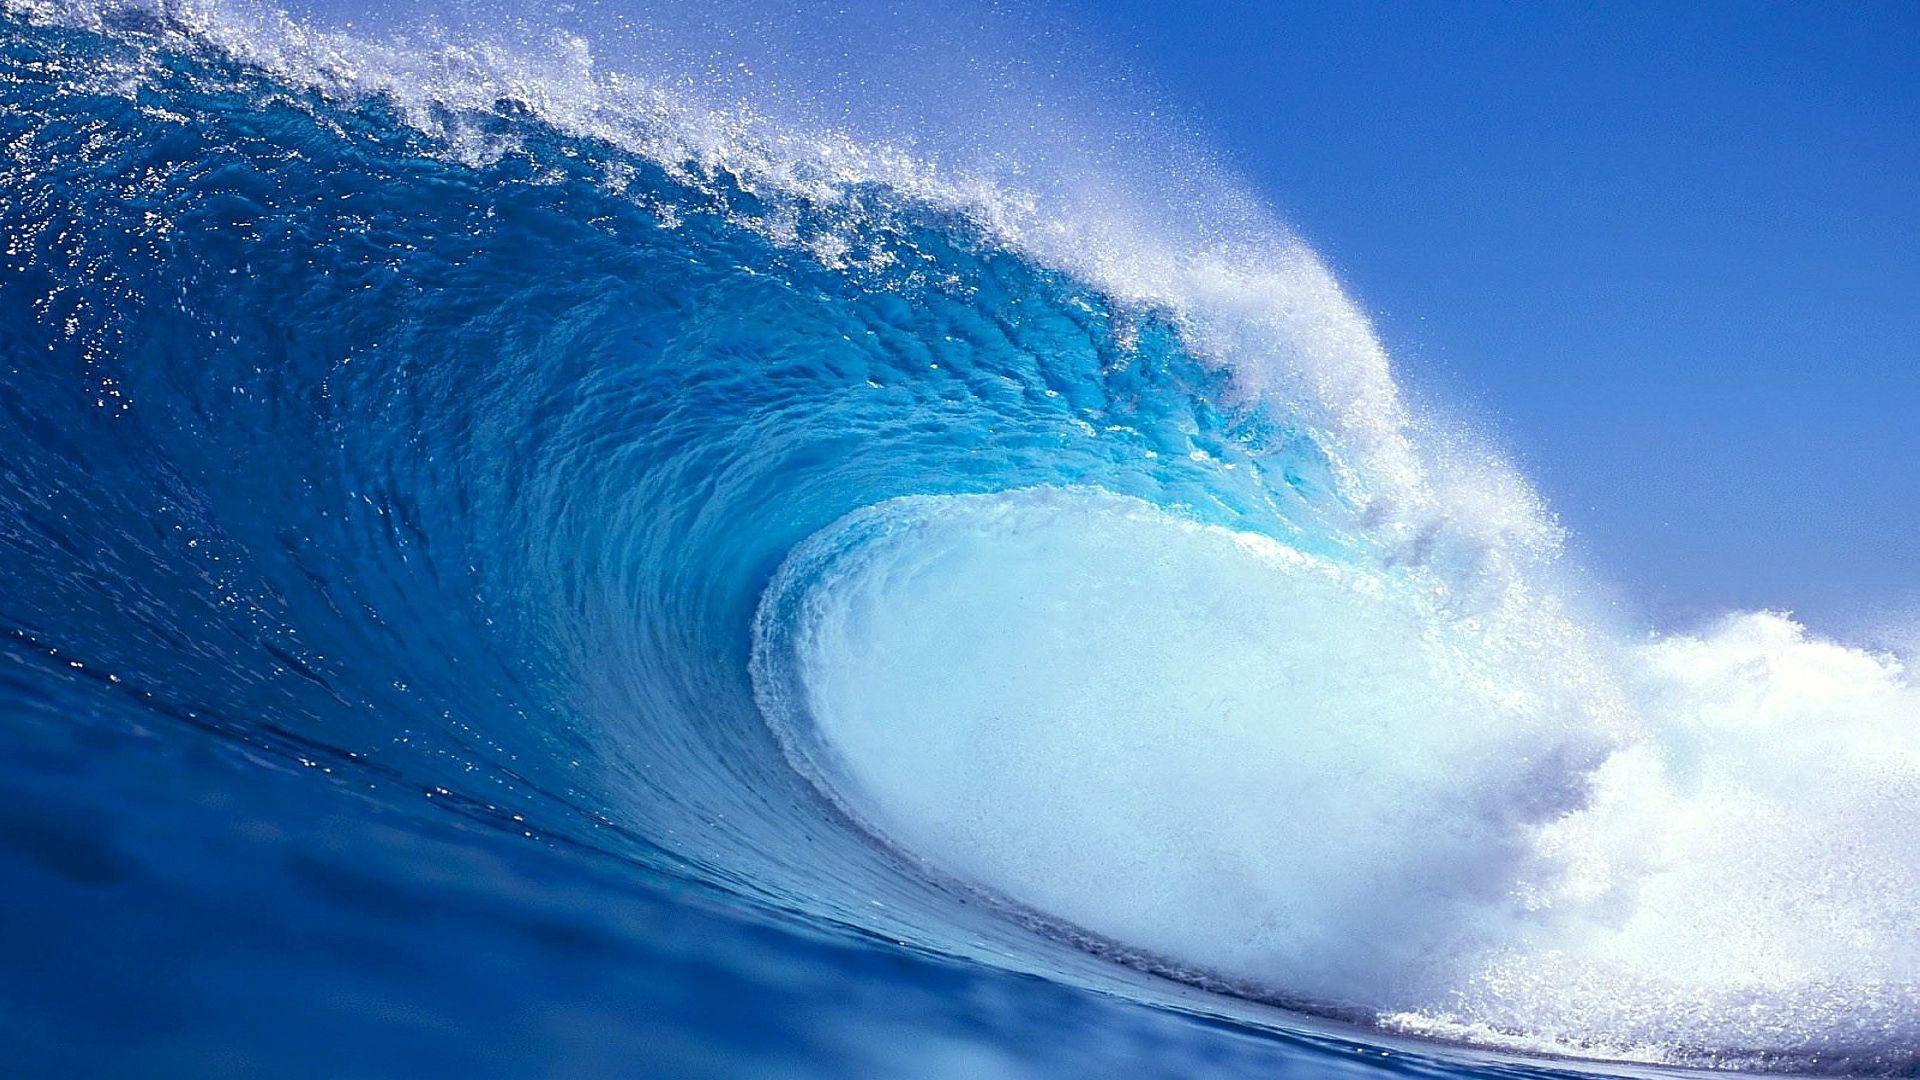 107764壁紙のダウンロード自然, 波, サーフィン, 海, 海洋, 大洋-スクリーンセーバーと写真を無料で